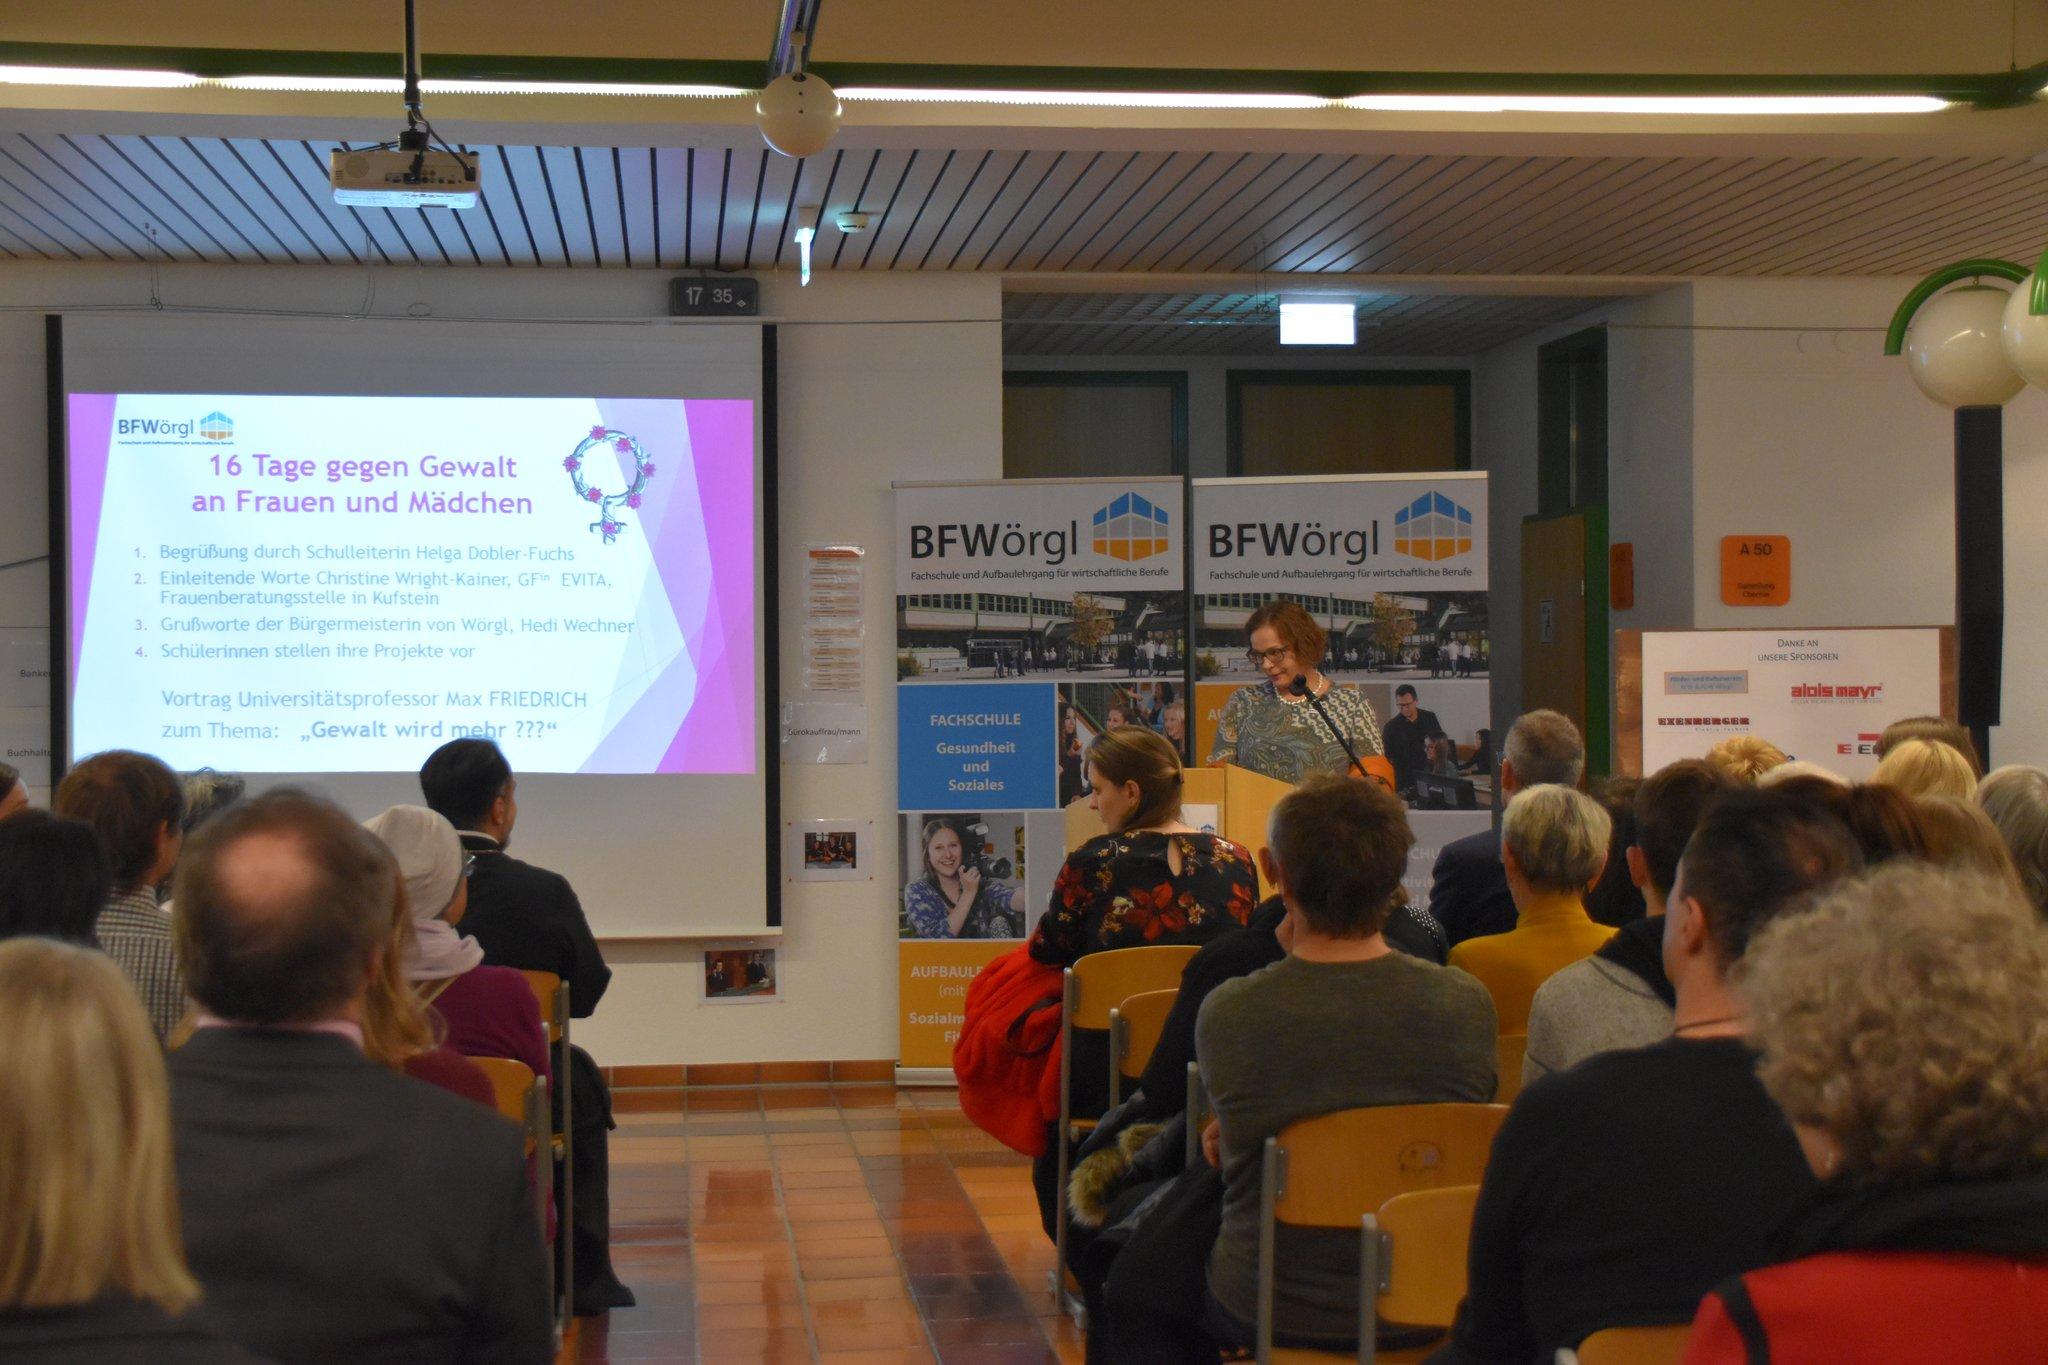 Partnersuche in Wrgl bei Kufstein und Kontaktanzeigen